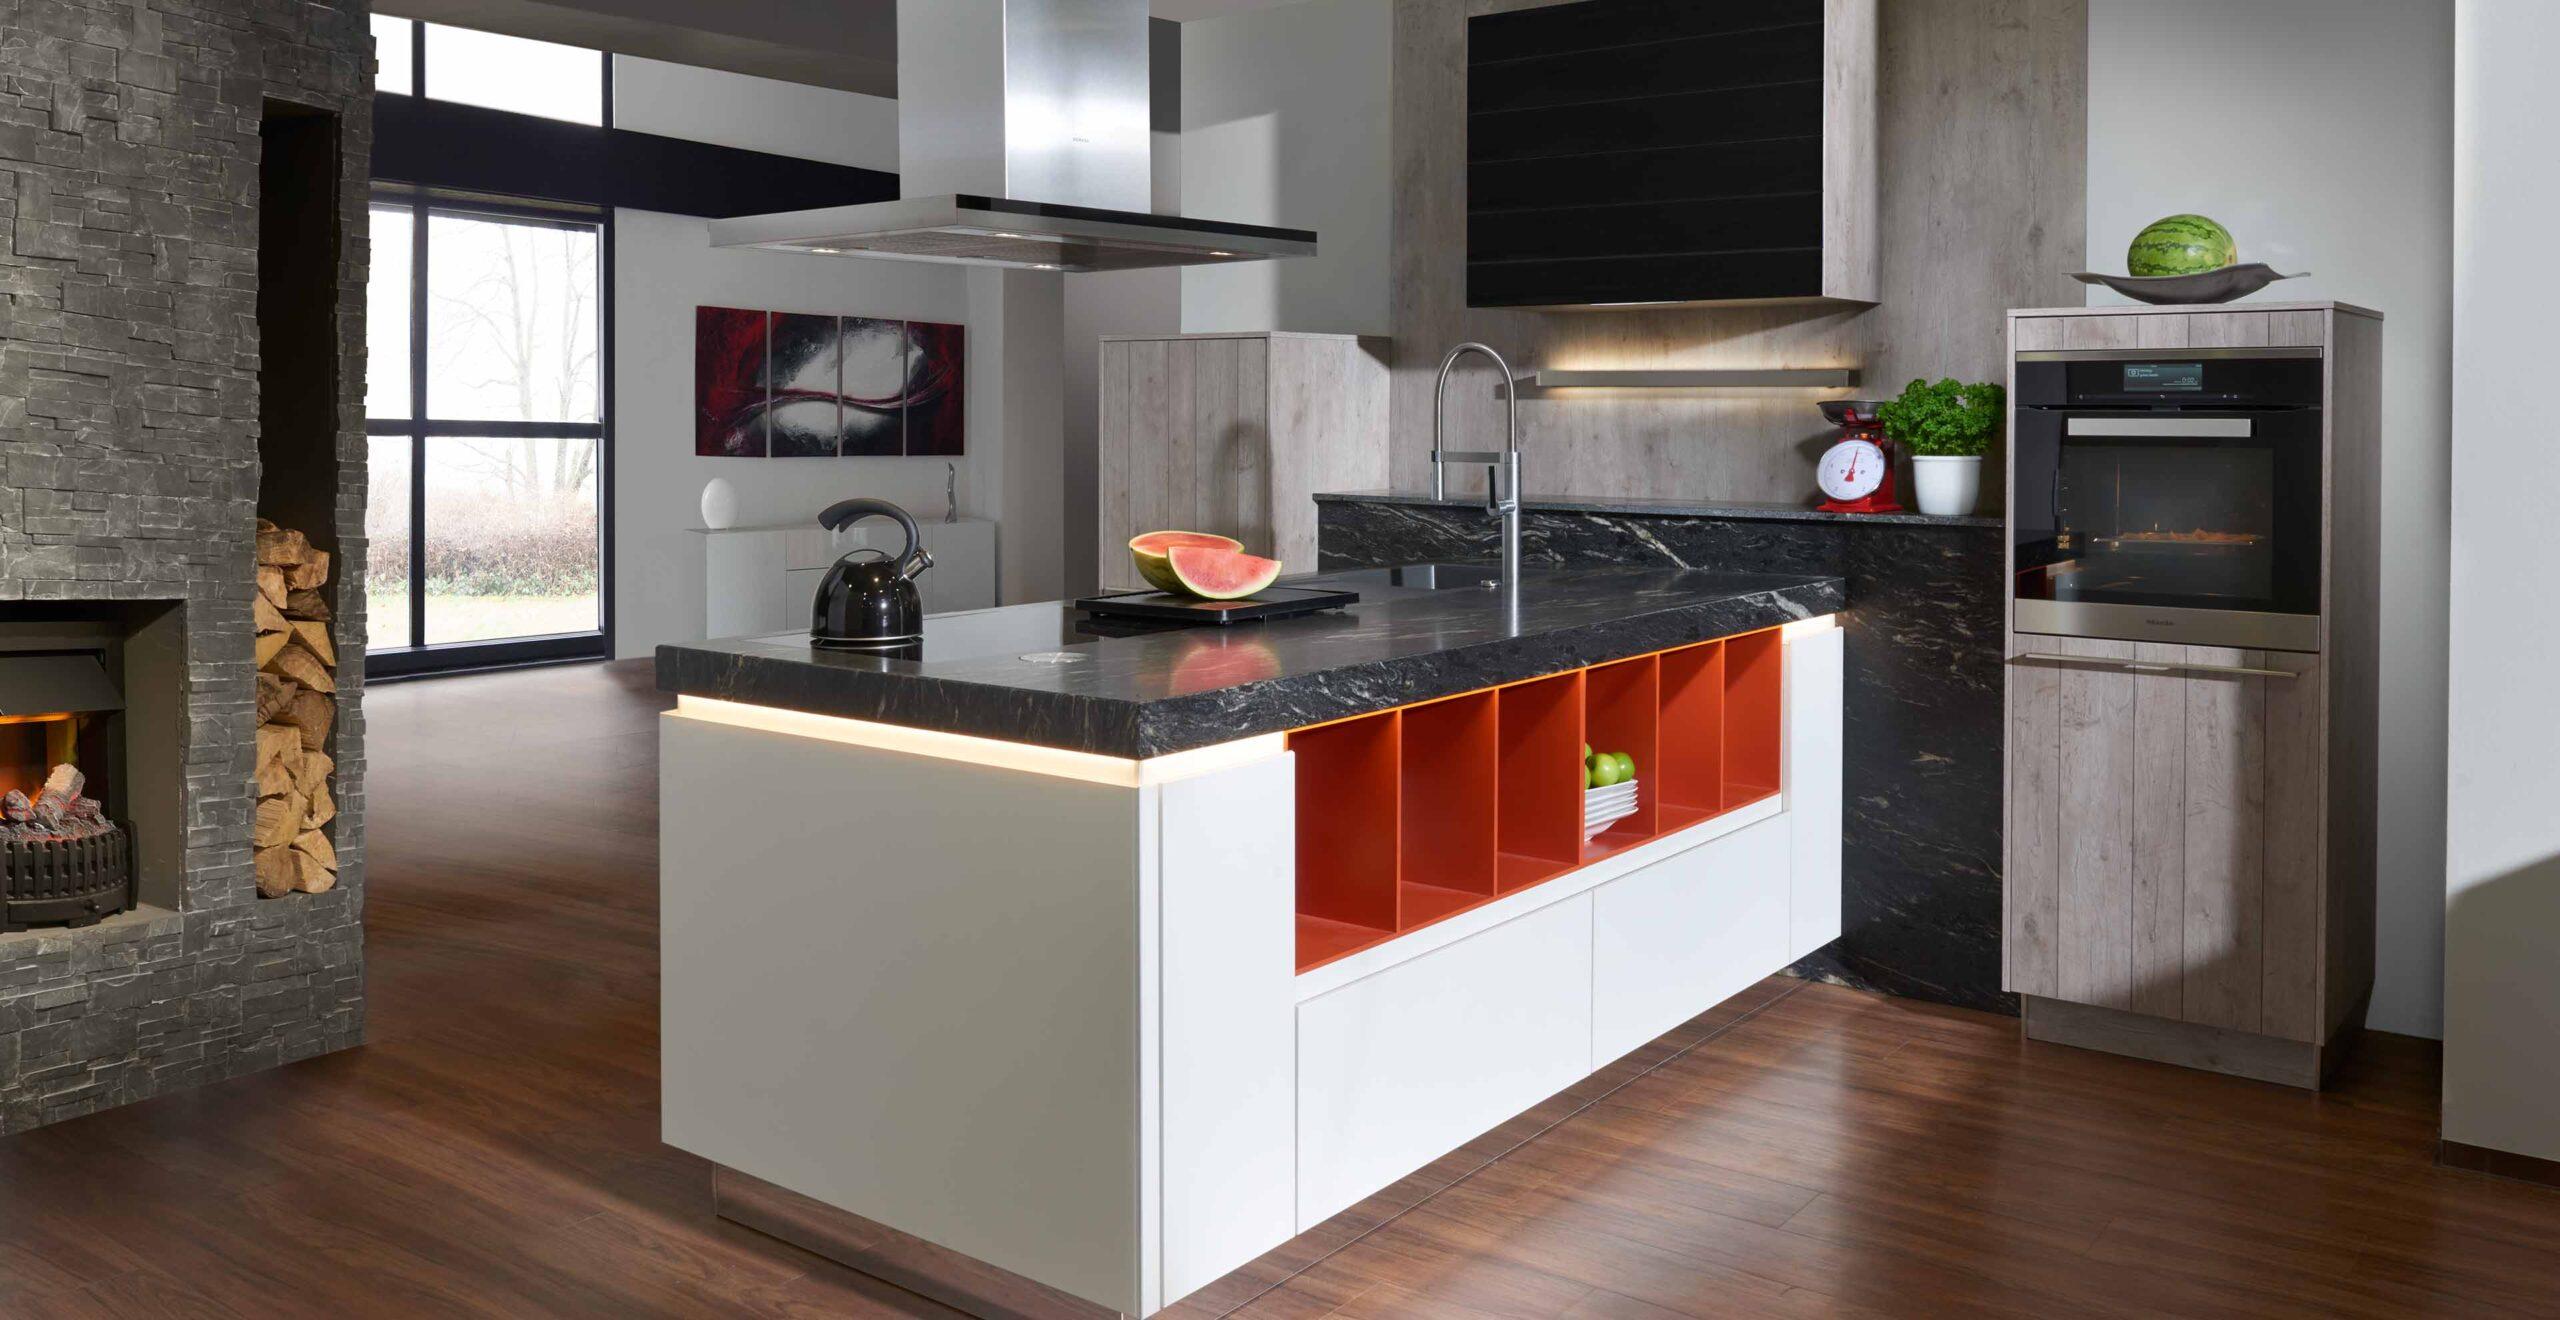 Full Size of Freistehende Küchen Klassische Inselkche Arctic Wei Mit Black Cosmic Marquardt Kchen Küche Regal Wohnzimmer Freistehende Küchen